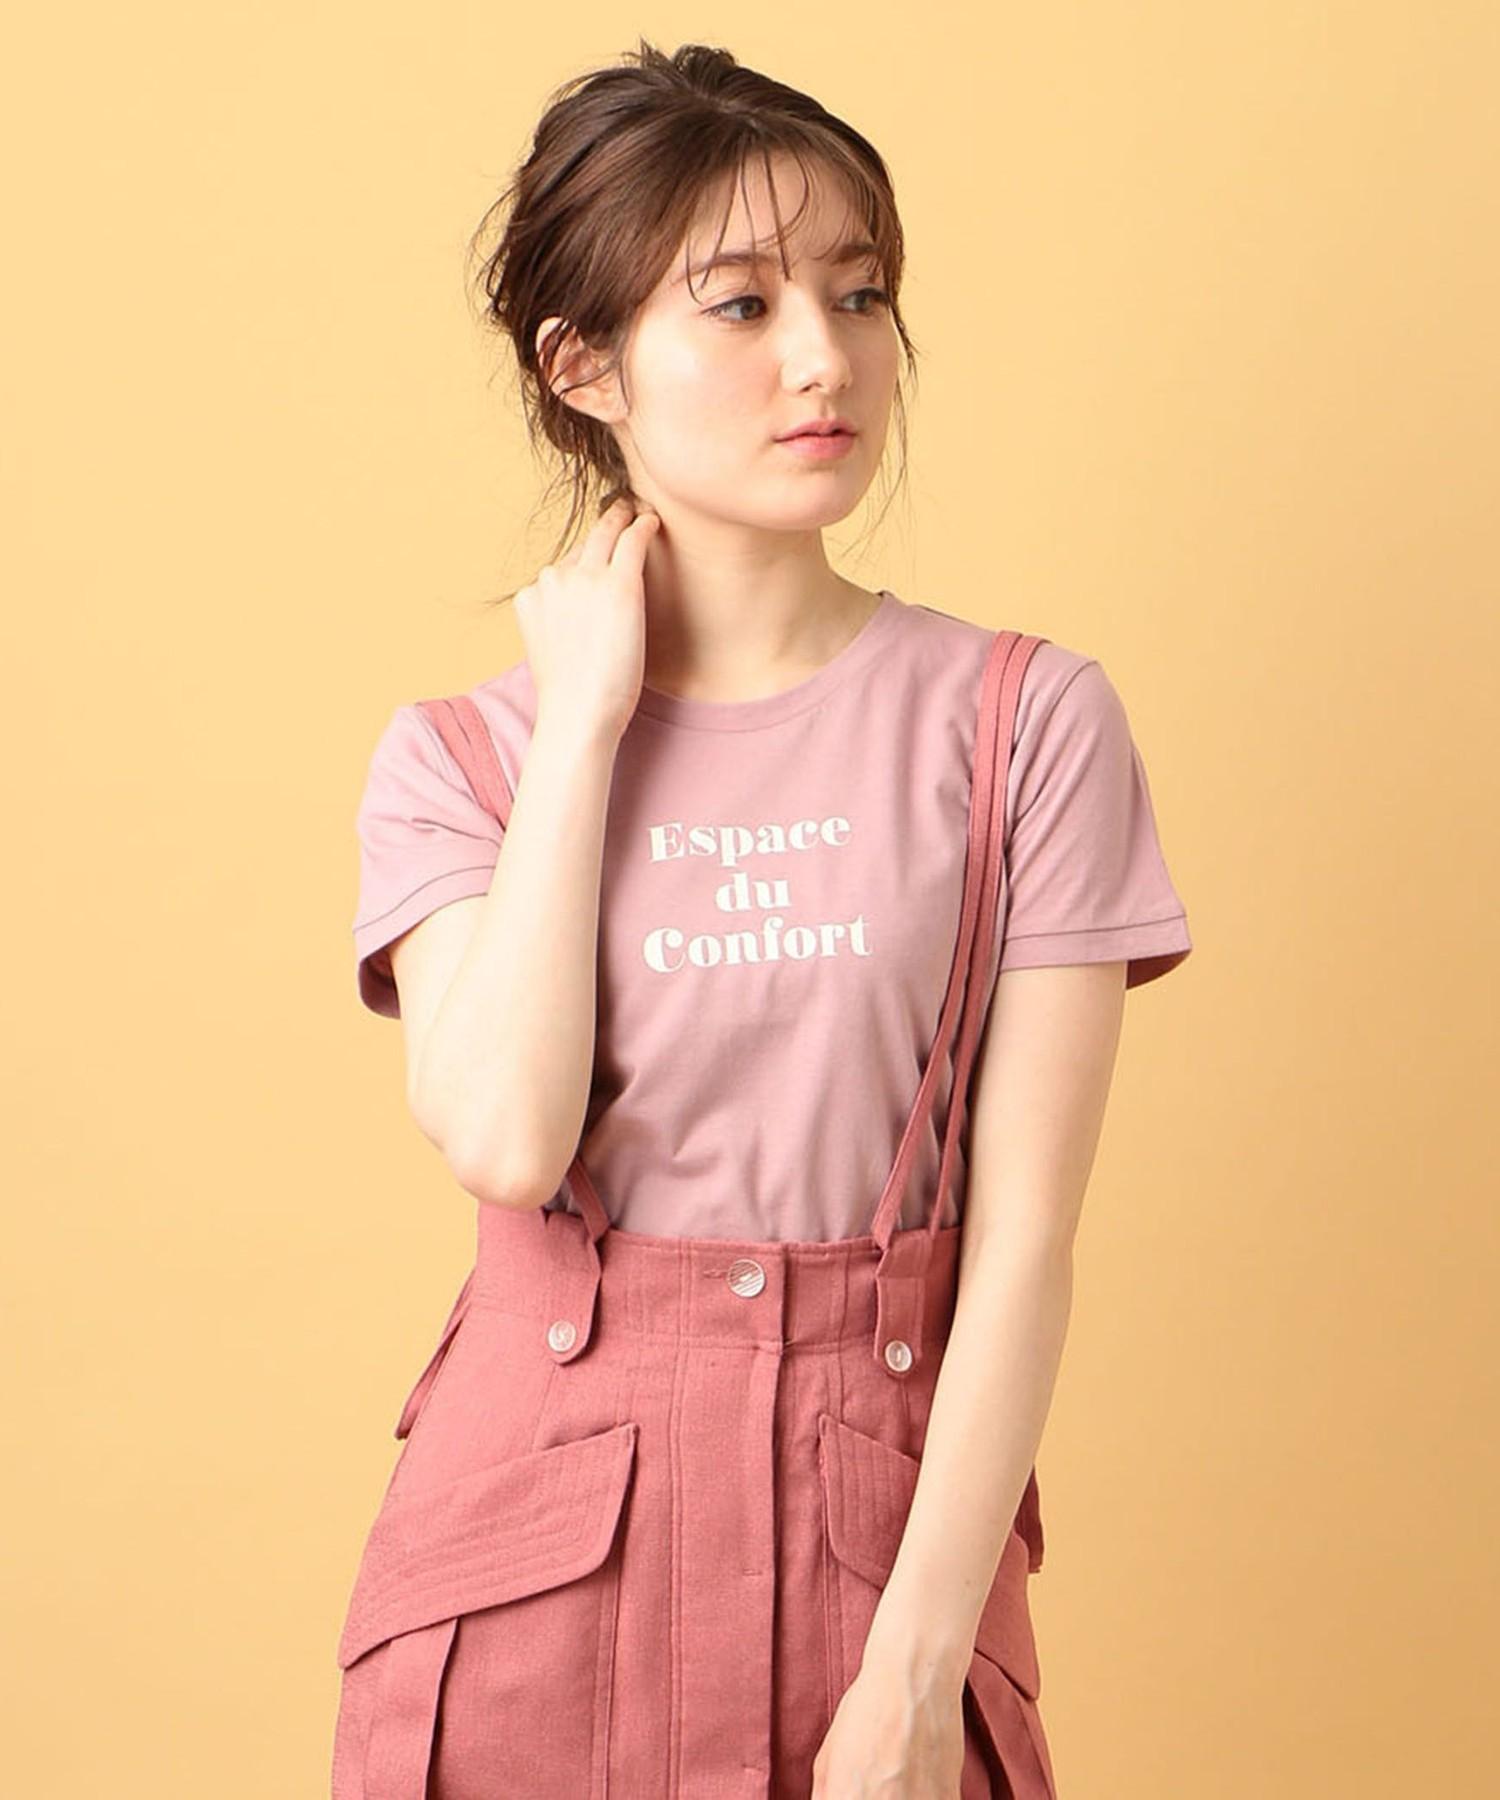 espace du confort Tシャツ【Sweet 2020年5月号掲載】